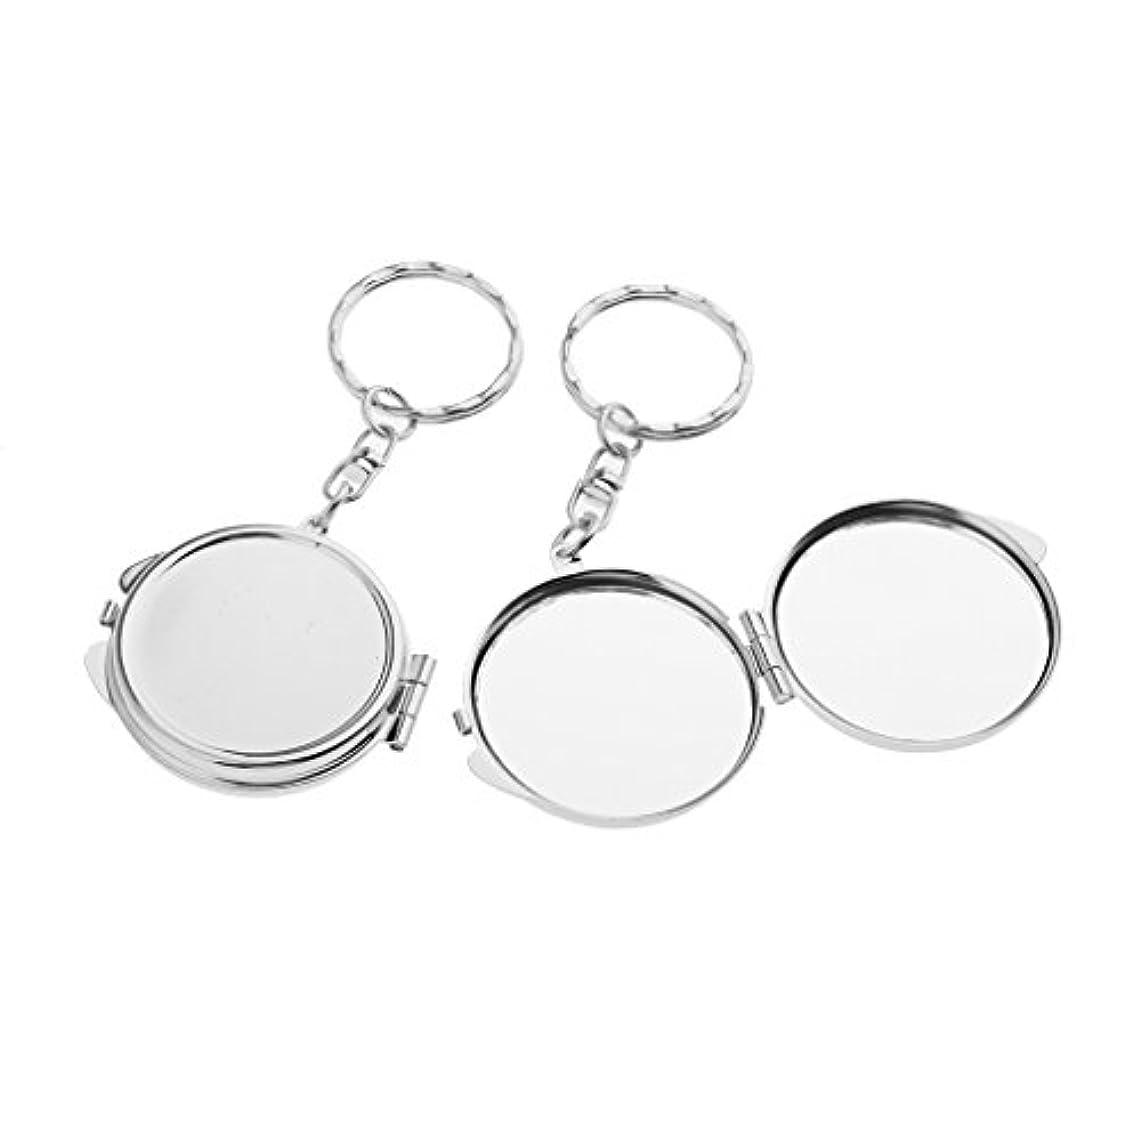 スポットビリーブレースSONONIA ミニサイズ ミラー 両面 鏡 折りたたみ式 キーリング デコレーション 化粧鏡 4タイプ選べ - 1